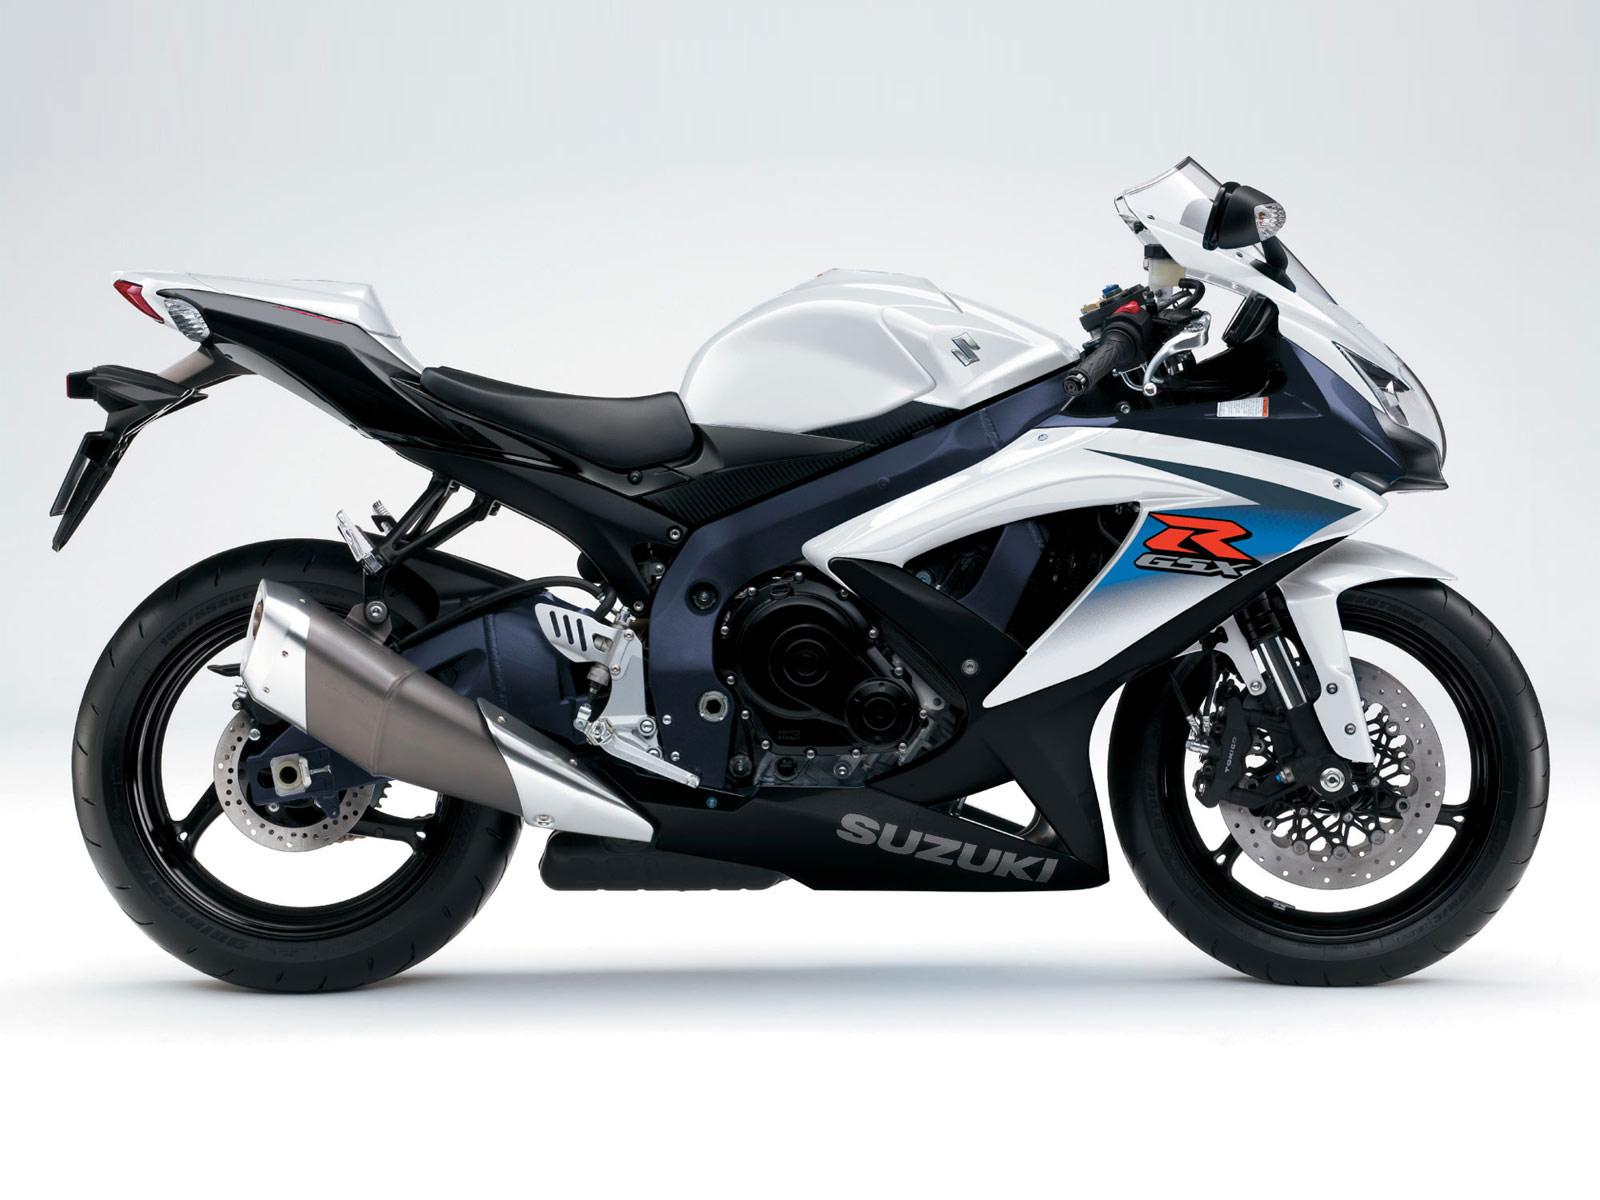 2010 Suzuki Gsx R750 Motorcycle Photos